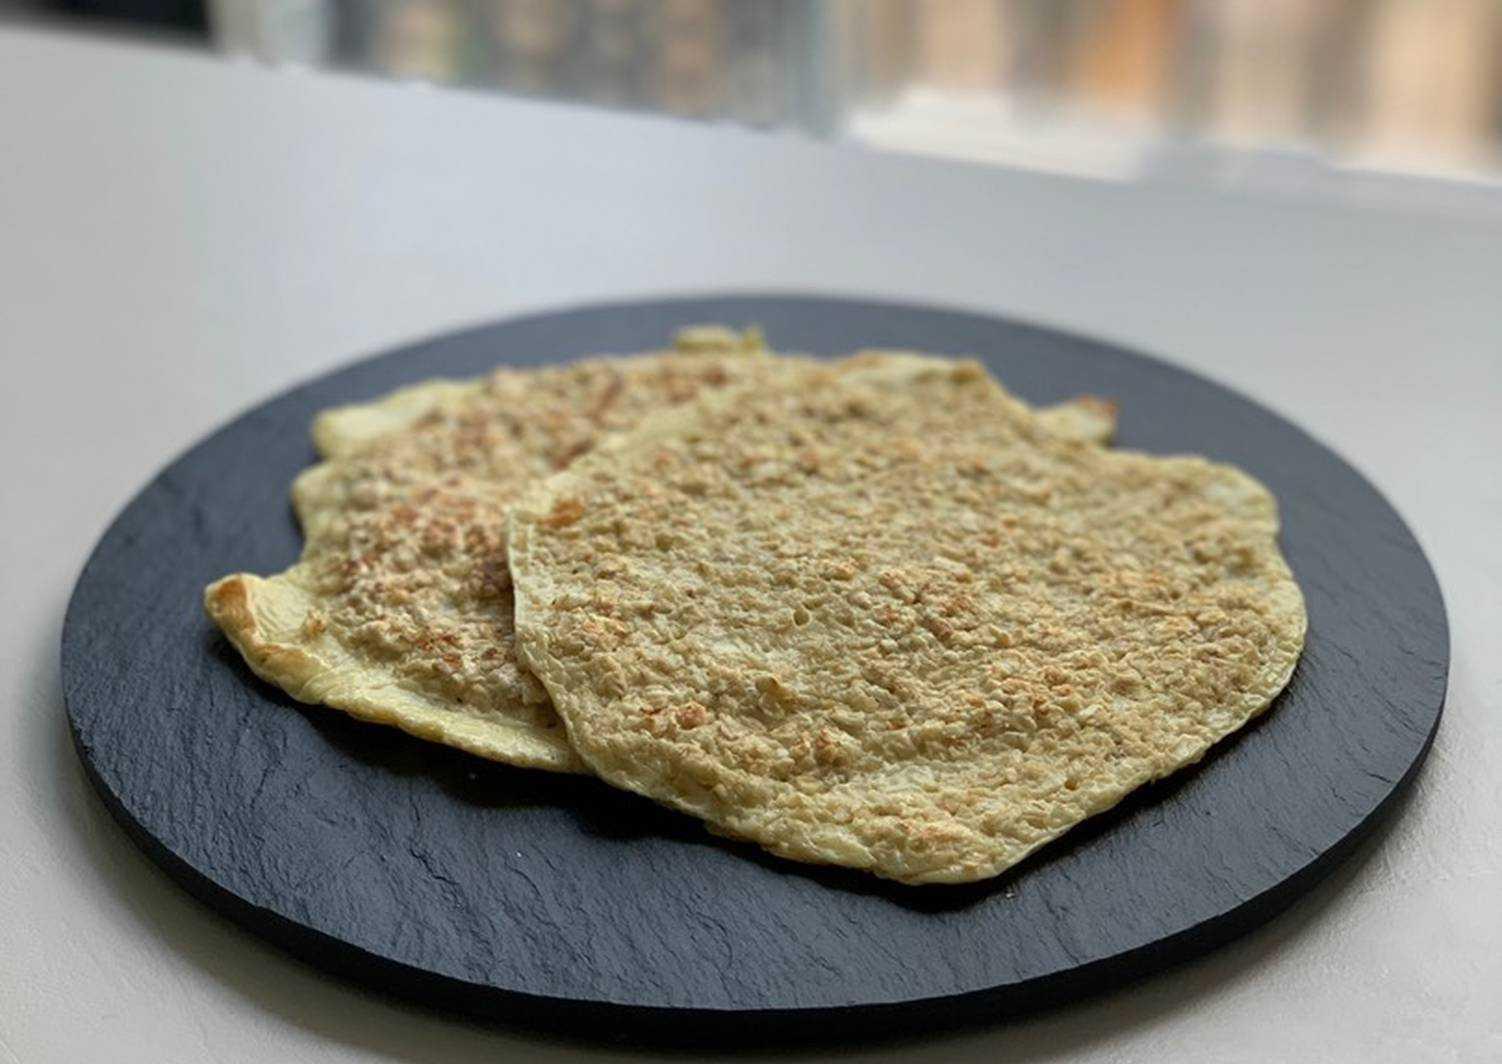 Банановые блинчики - как готовить тайские, на кефире, молоке, шоколадные или овсянные